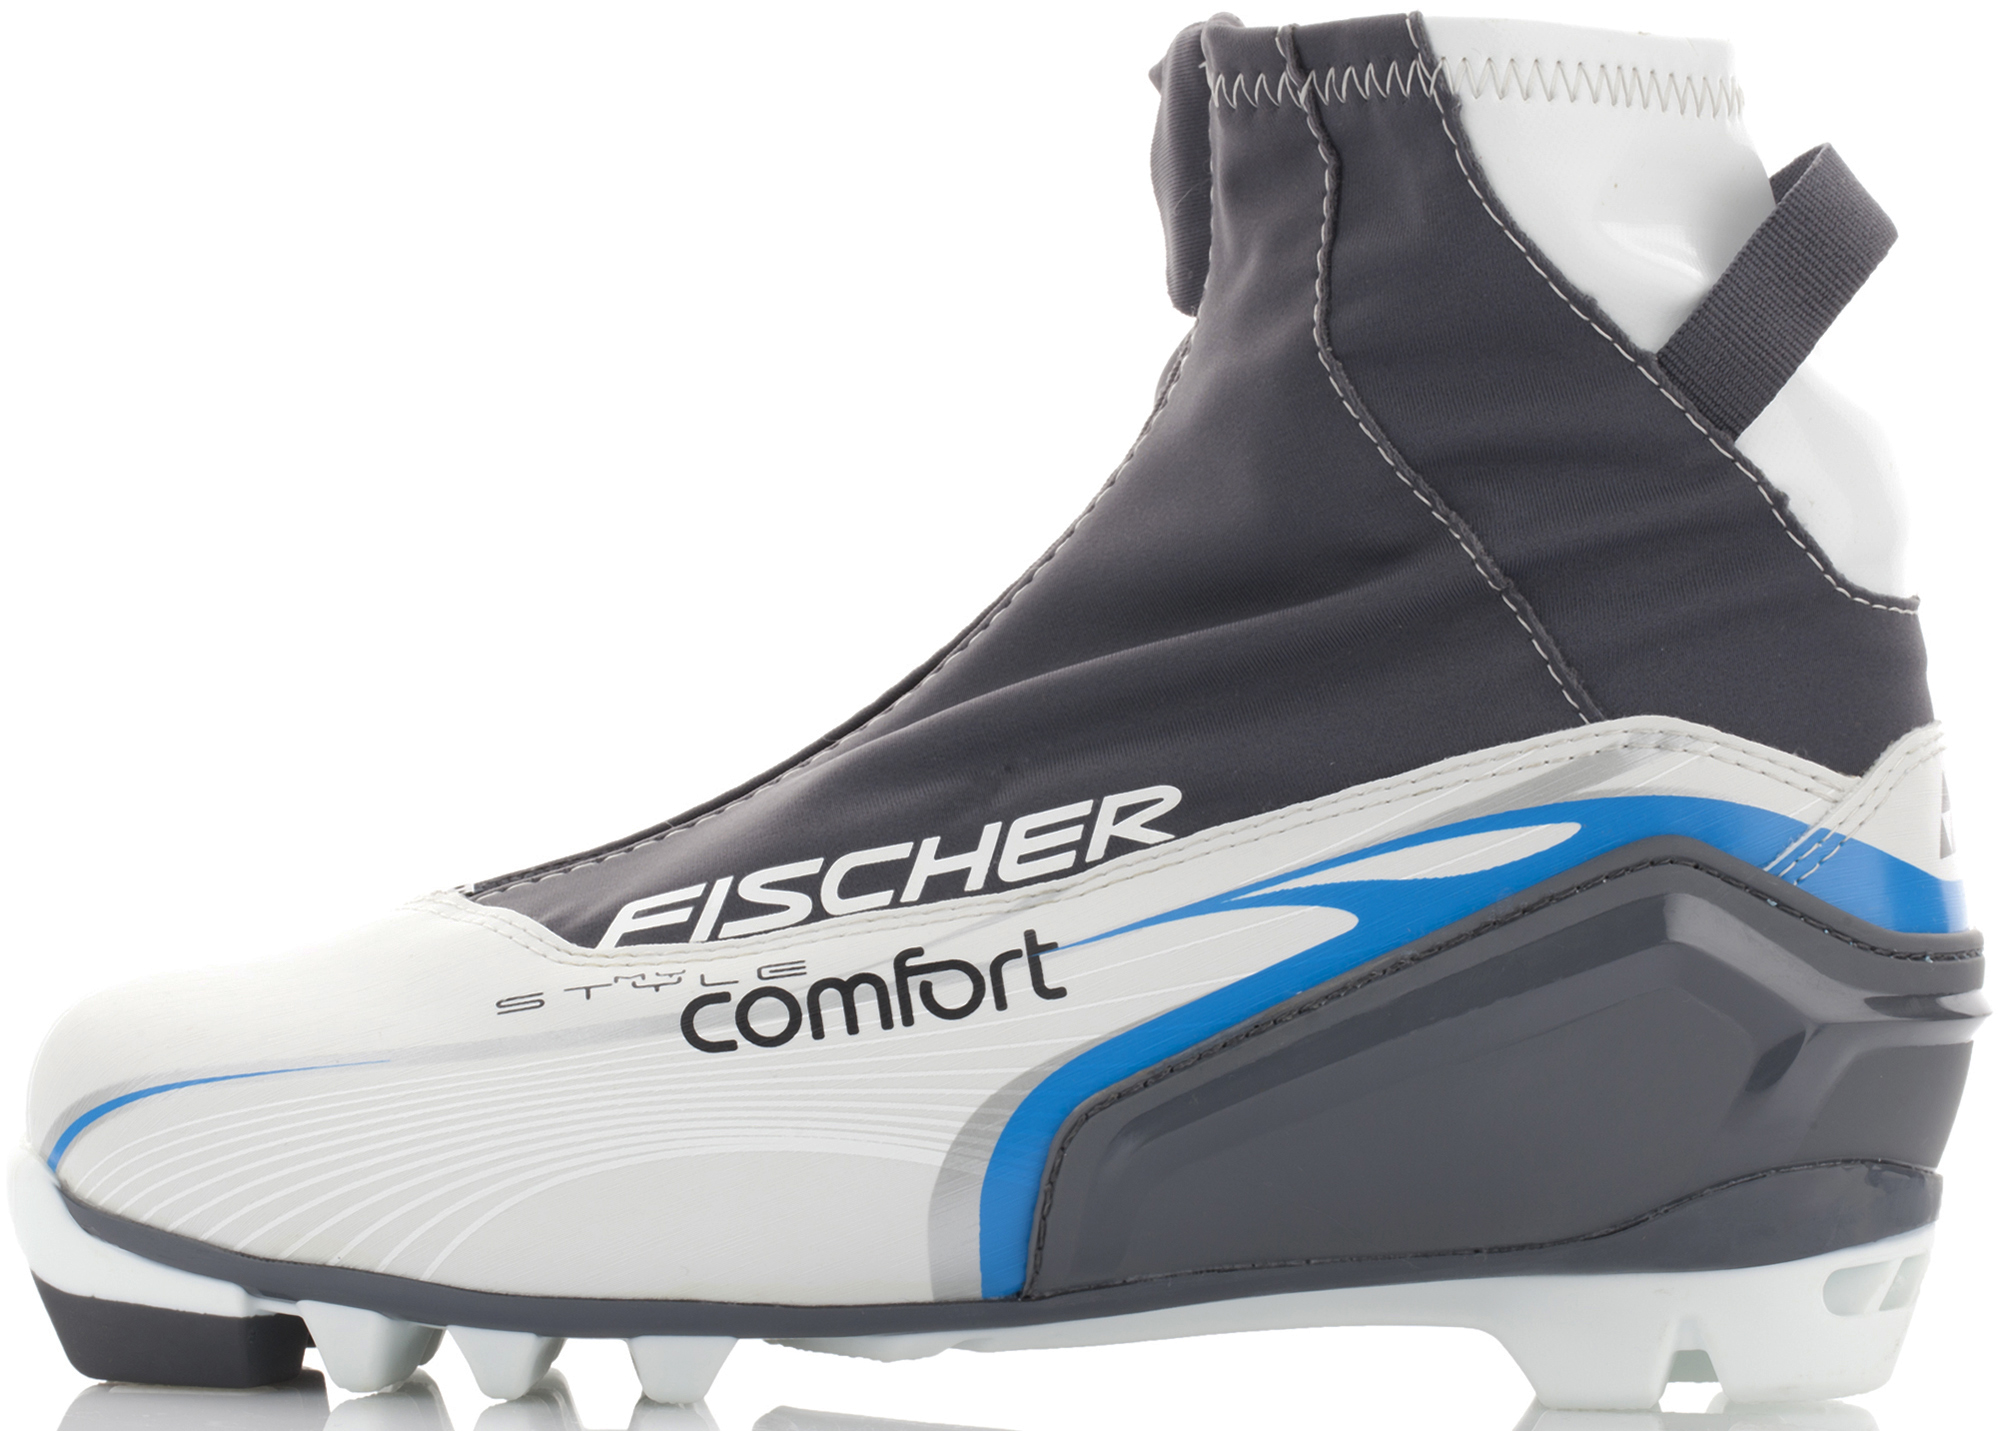 Fischer Ботинки для беговых лыж женские Fischer XC Comfort My Style, размер 38 fischer spirit crown my style